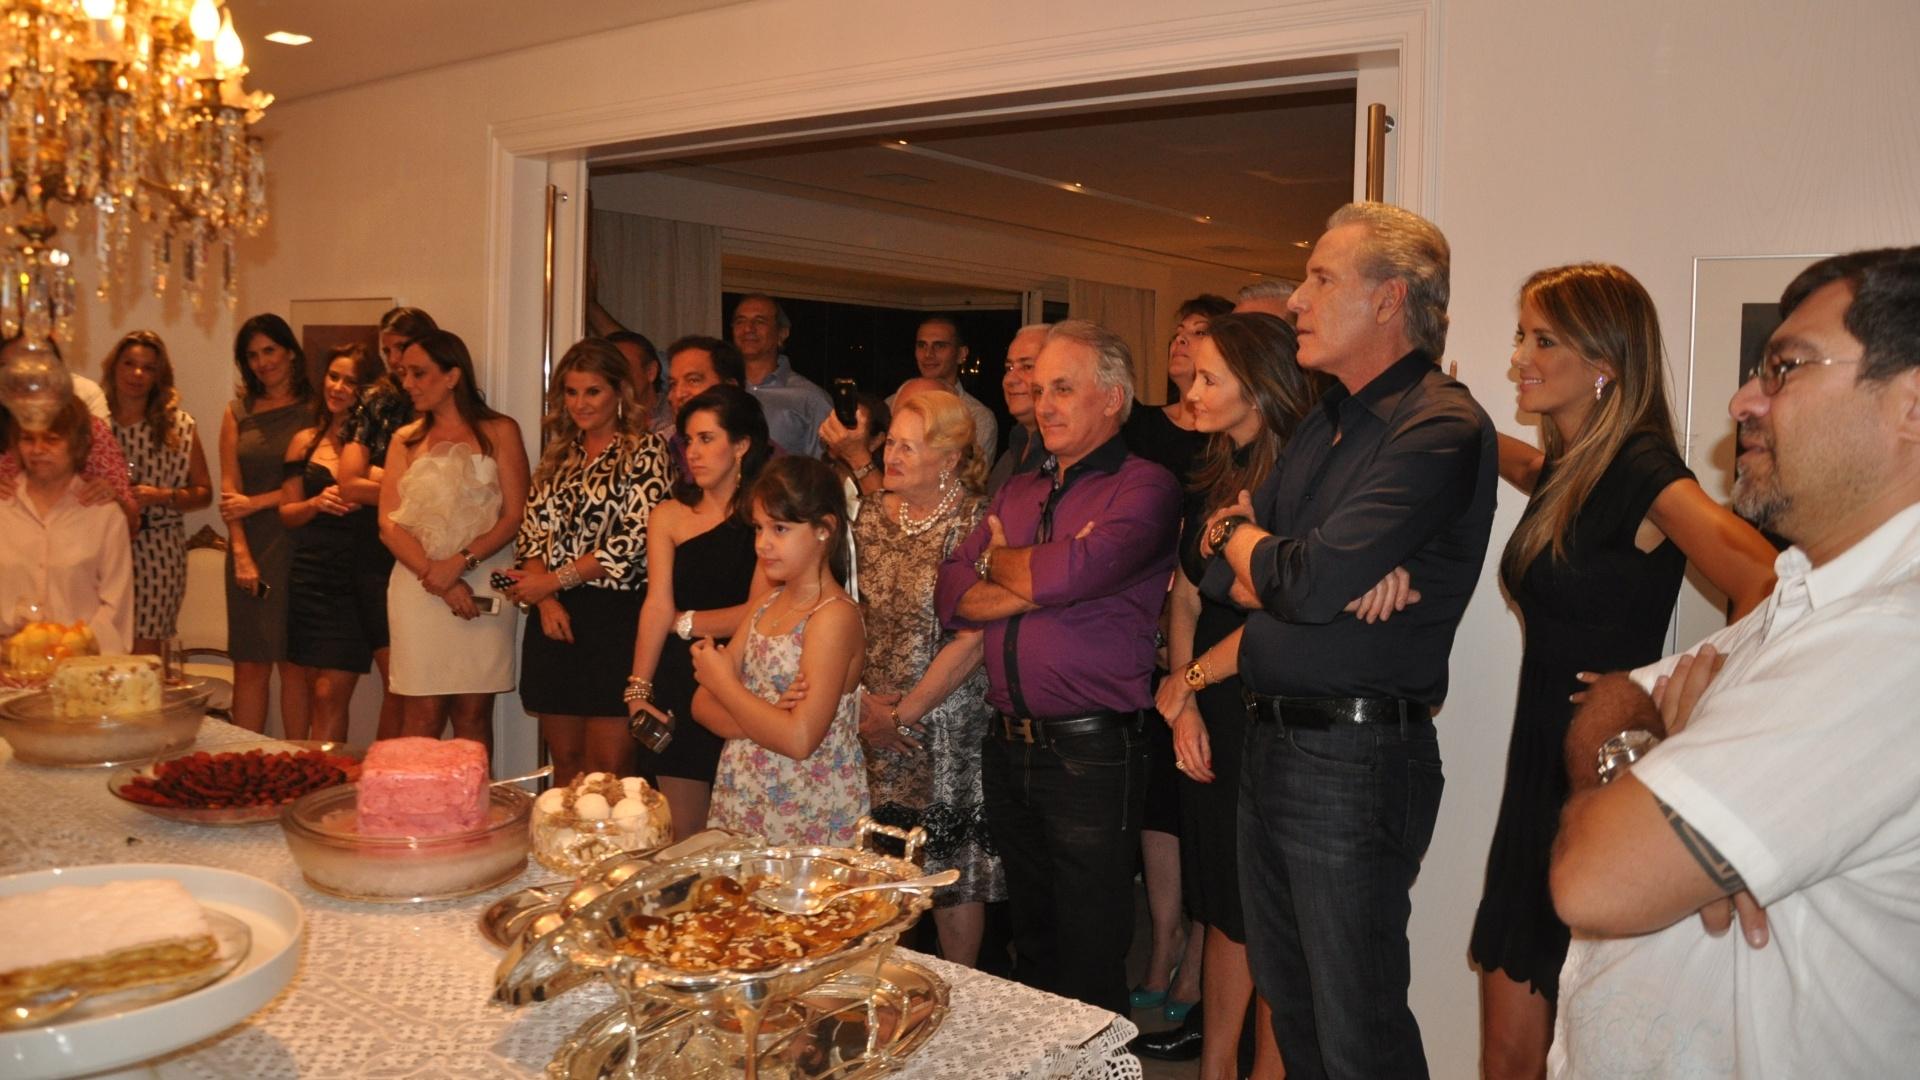 Tom Cavalcante comemorou a chegada aos 50 anos em um jantar na noite da quinta-feira (8/3/12) em seu apartamento na cidade de São Paulo. Roberto Justus, acompanhado da mulher Ticiane, e Otávio Mesquita prestigiaram a comemoração